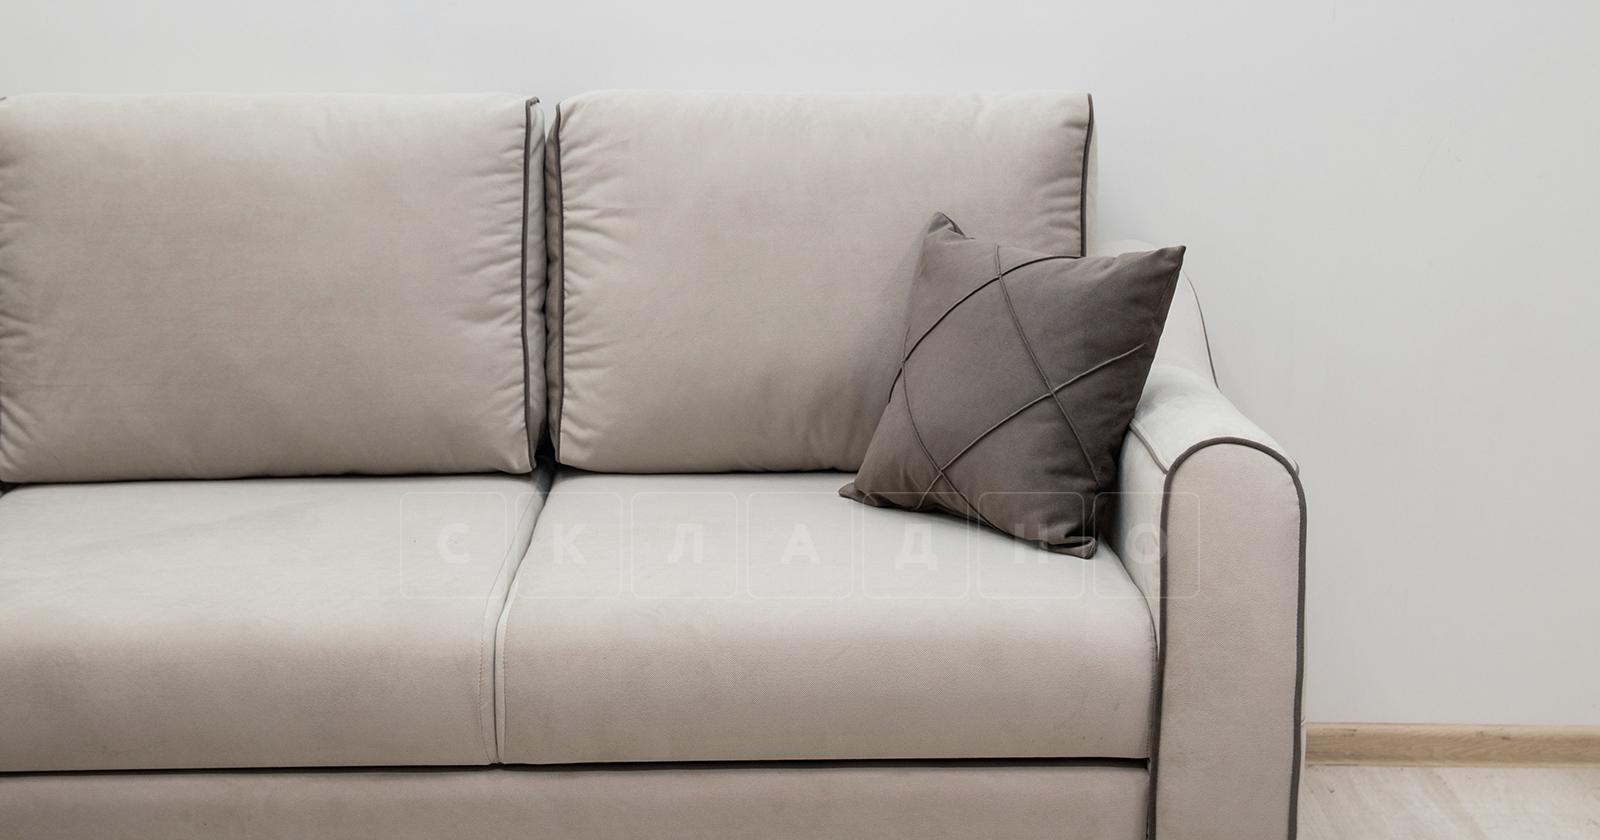 Диван-кровать угловой Флэтфорд серо-бежевый фото 10 | интернет-магазин Складно